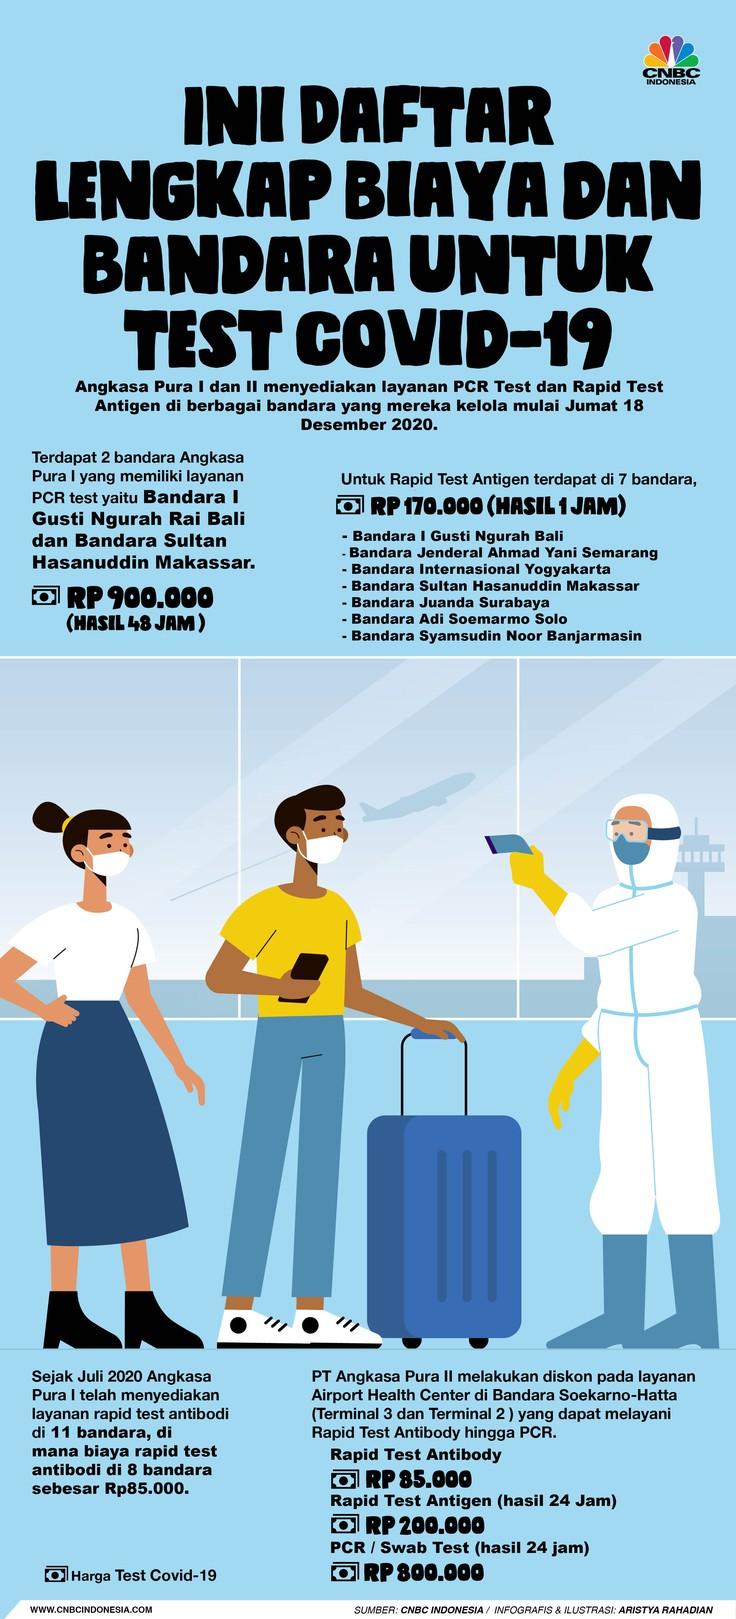 Infografis/ Ini daftar Lengkap Biaya dan Bandara untuk test covid-19